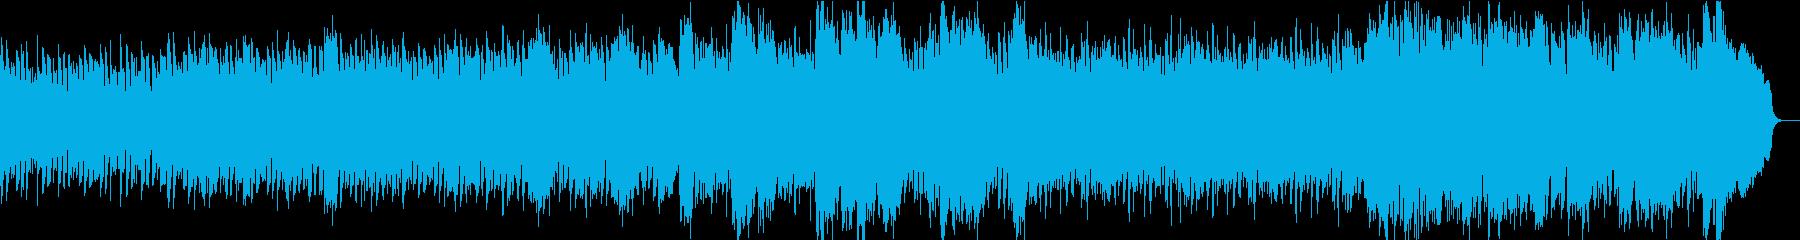 優しくつつむ感動ピアノ:合唱と弦抜きの再生済みの波形